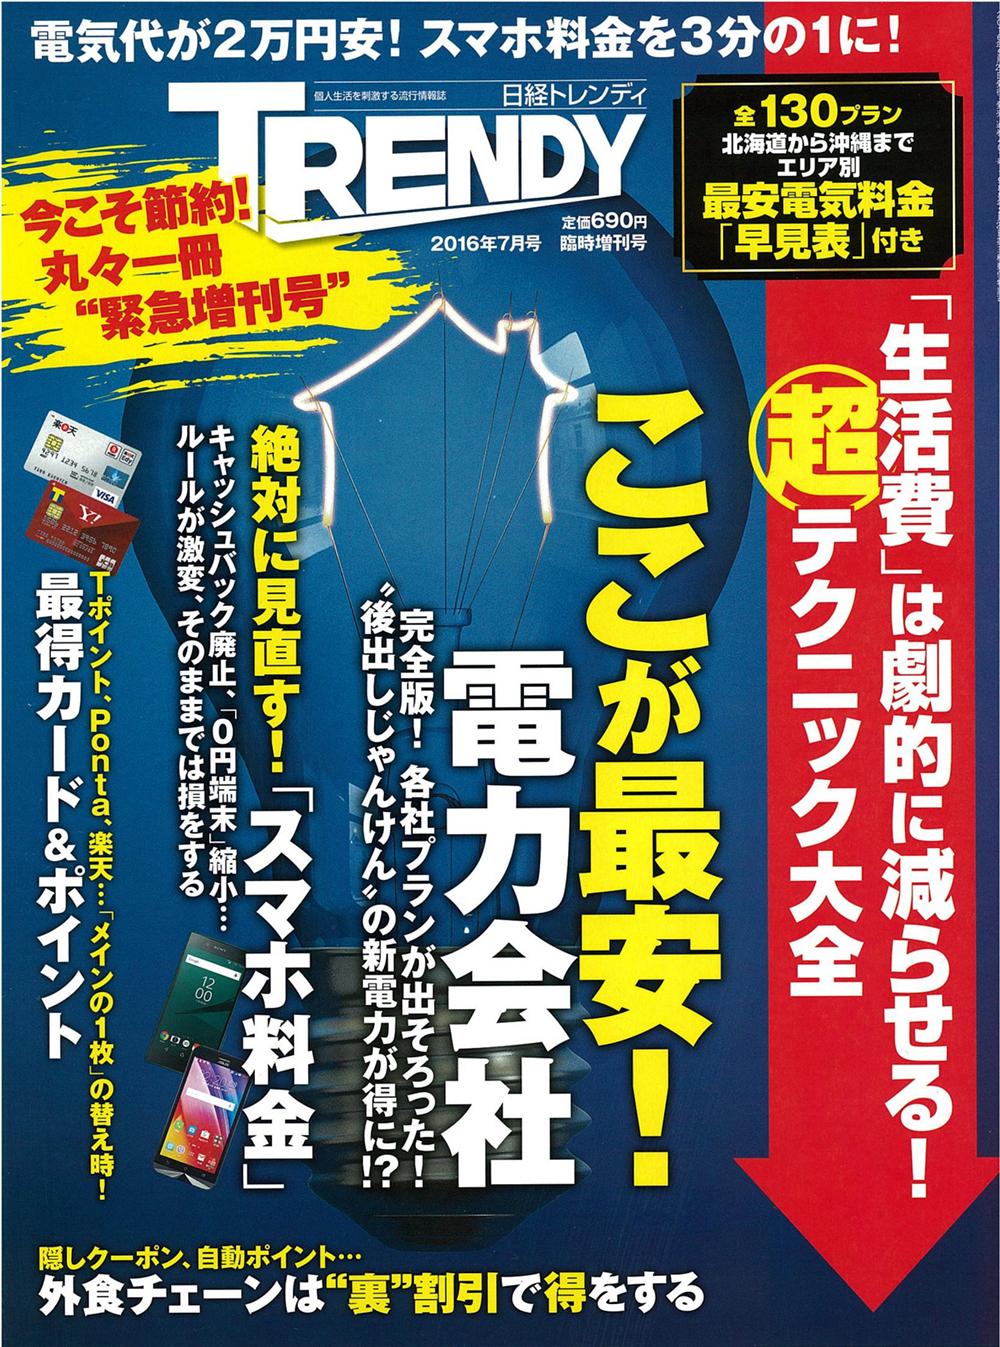 日経トレンディ16年7月号臨時増刊  「生活費」は劇的に減らせる! 超テクニック大全